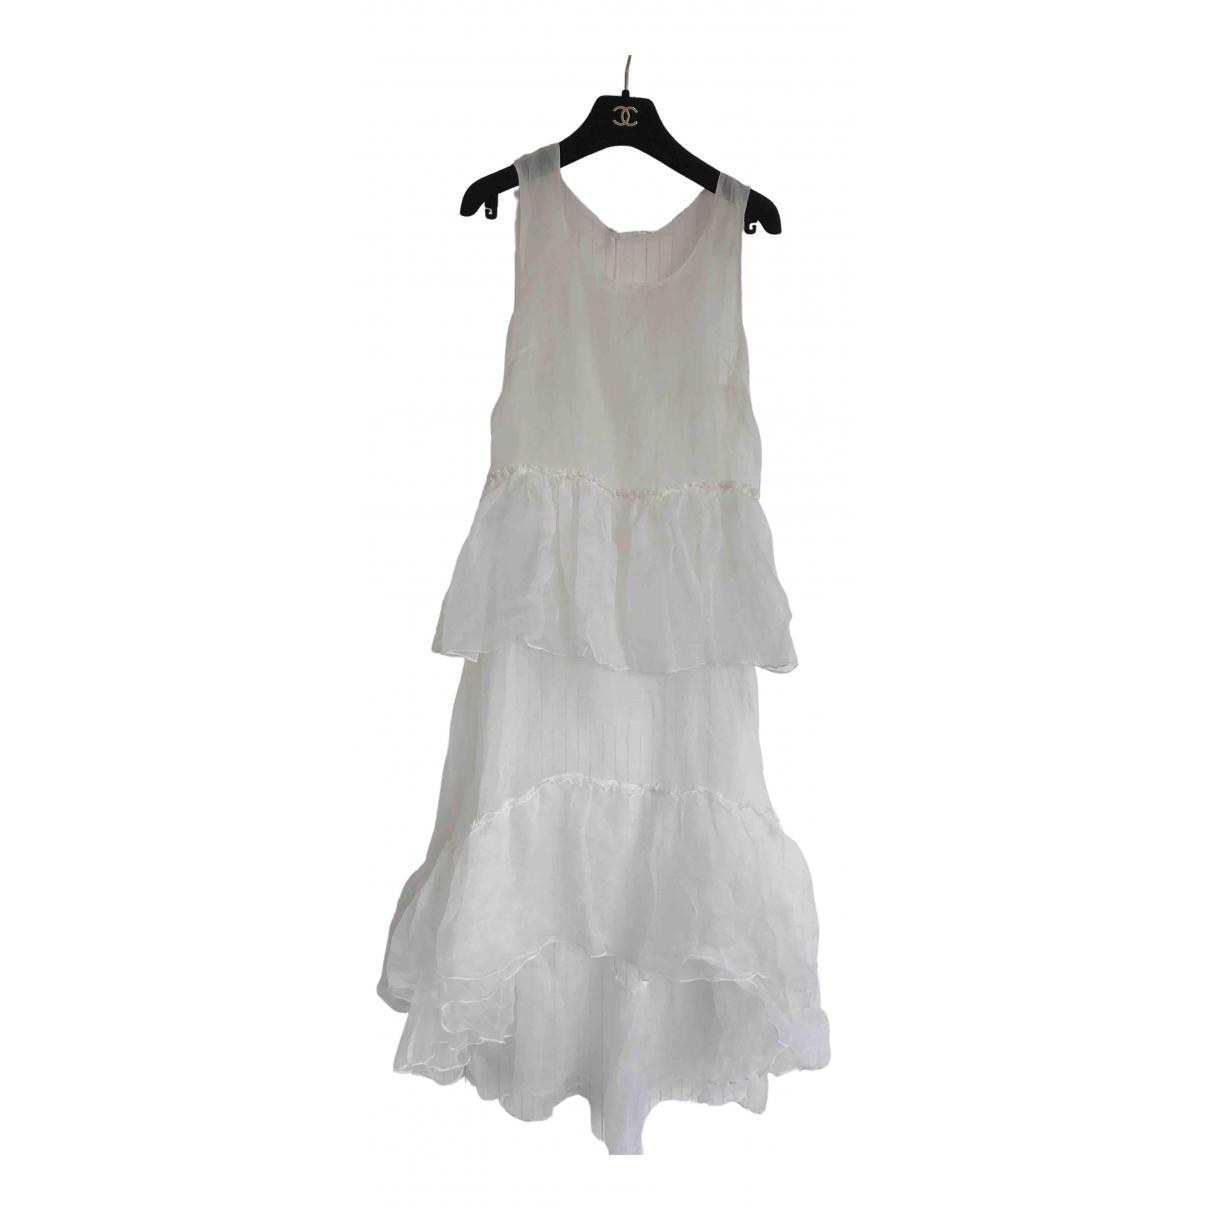 Parosh \N Kleid in  Weiss Polyester